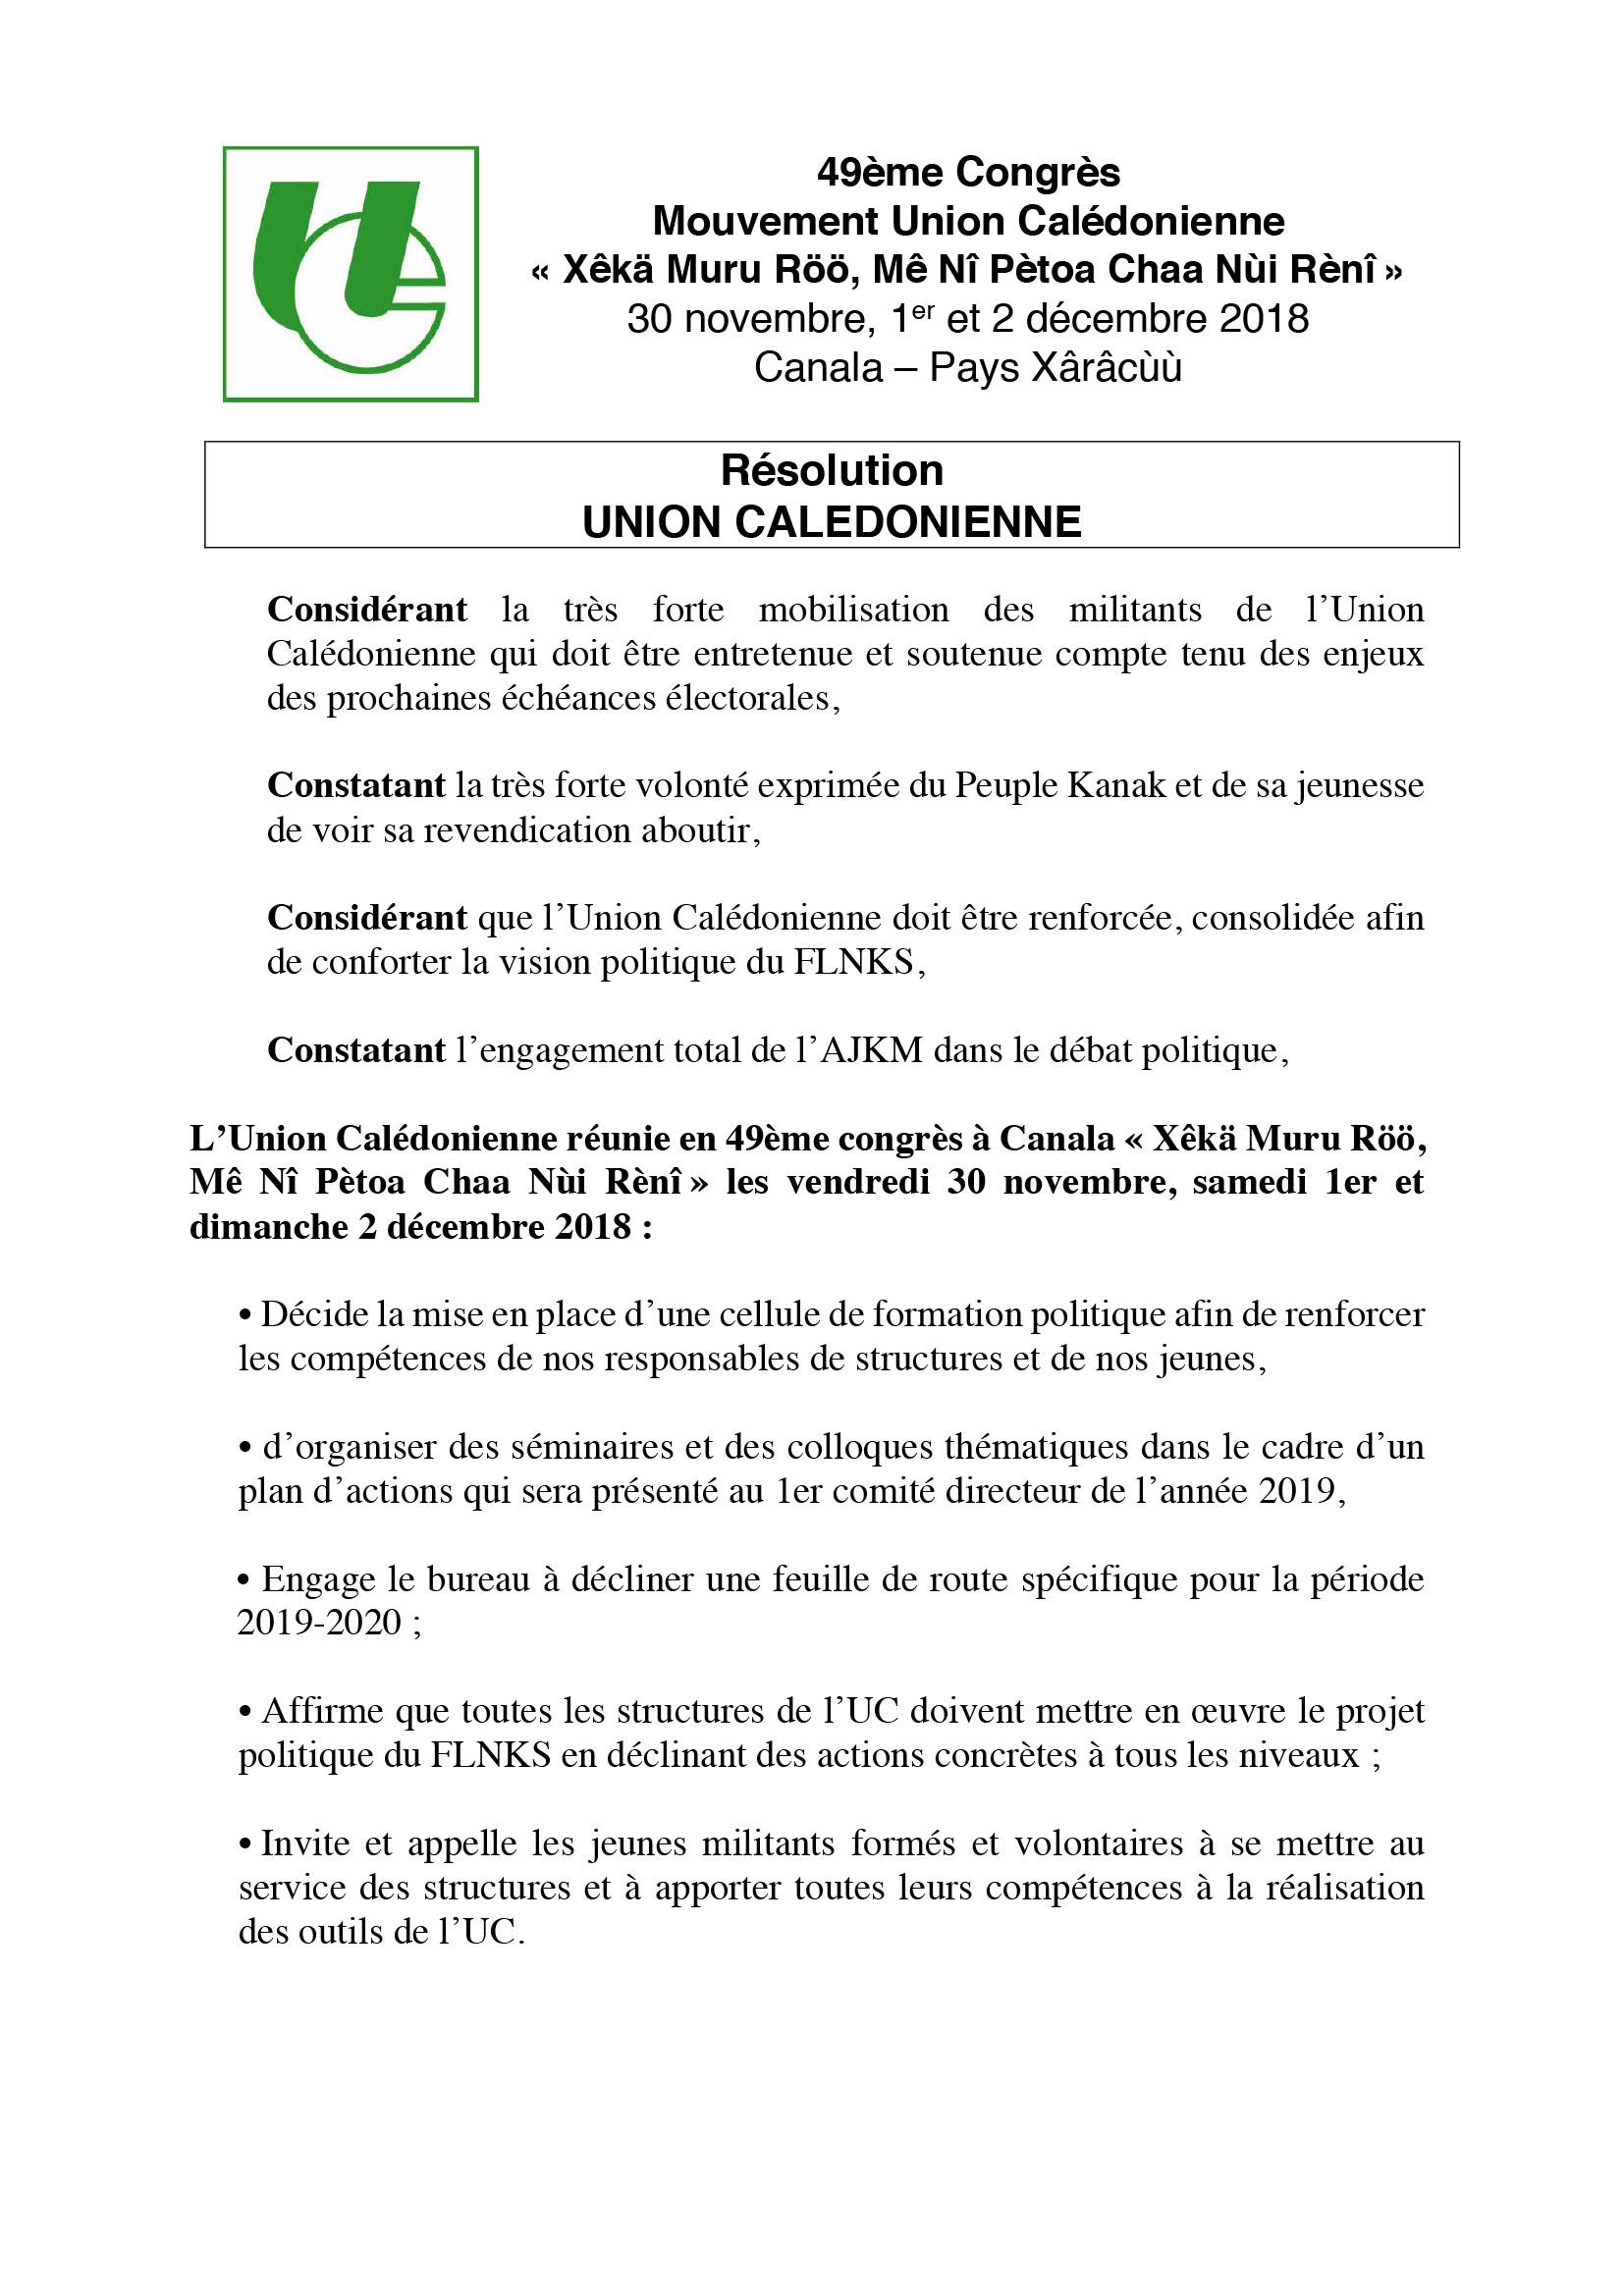 Résolution Union Calédonienne